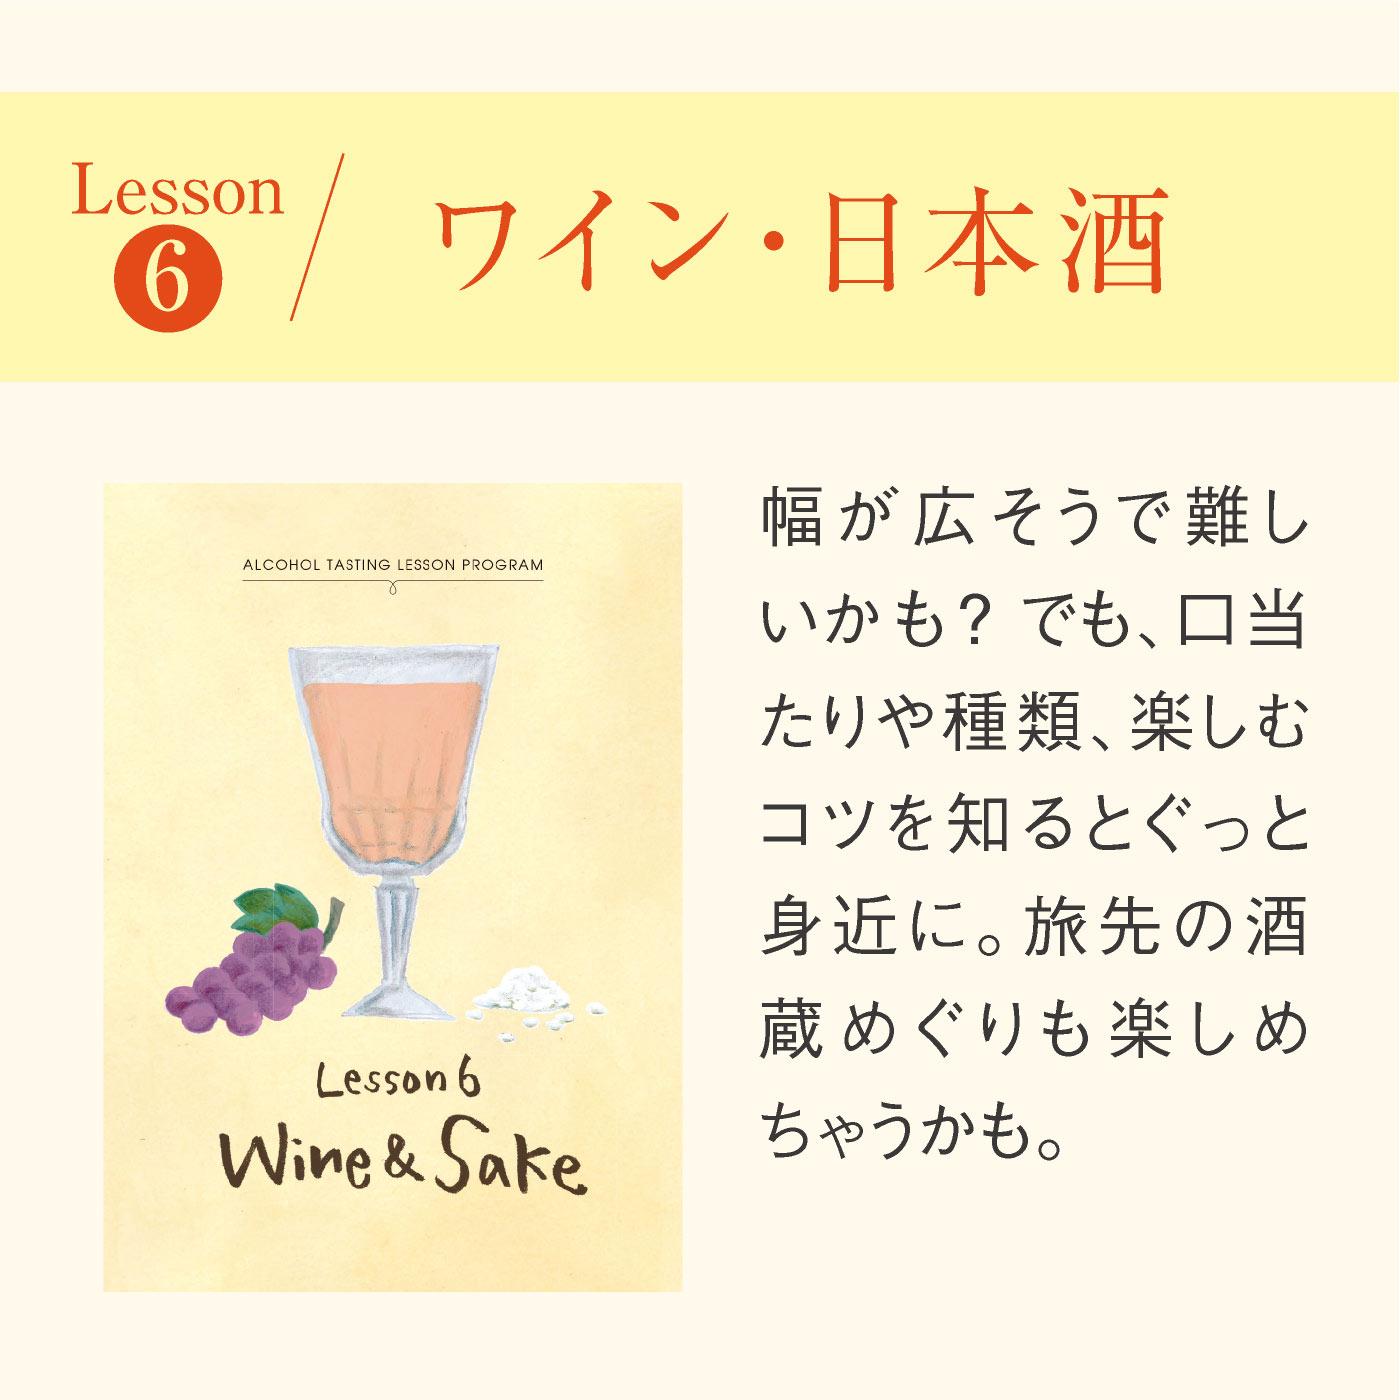 レッスン6 ワイン・日本酒。幅が広そうで難しいかも? でも、口当たりや種類、楽しむコツを知るとぐっと身近に。旅先の酒蔵めぐりも楽しめちゃうかも。